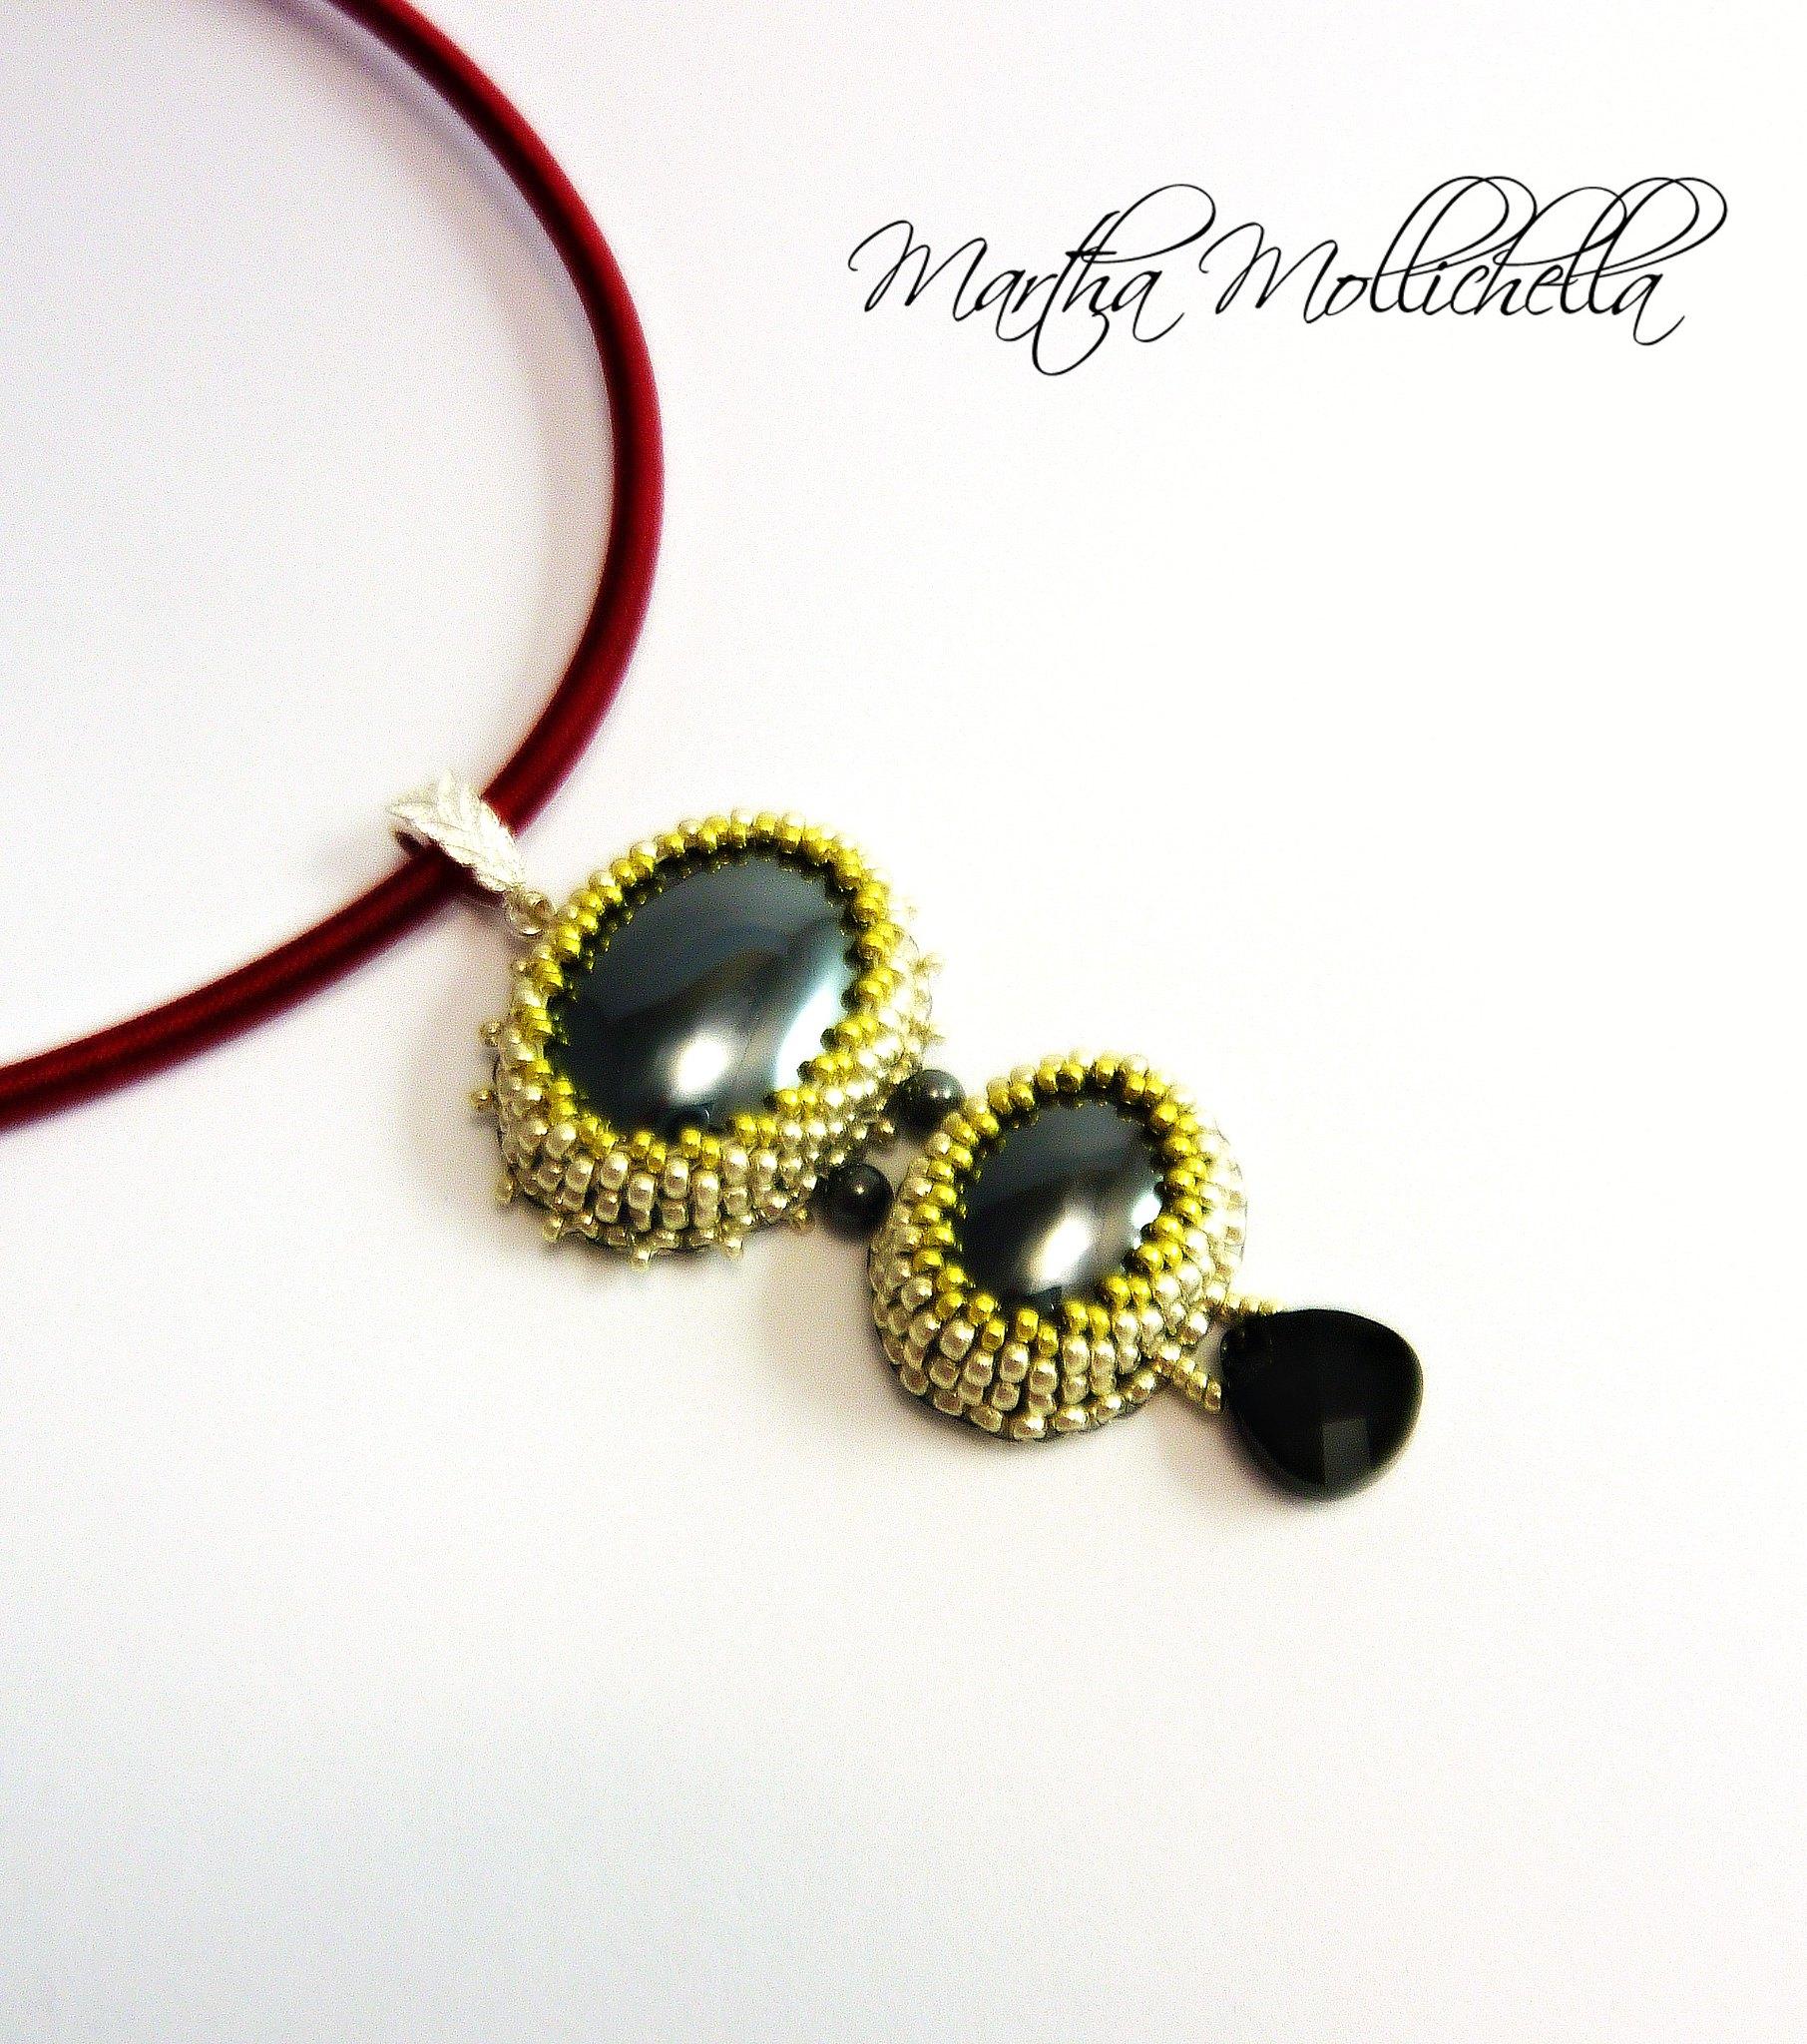 Ematite ciondolo pendente  handmade by  Martha Mollichella